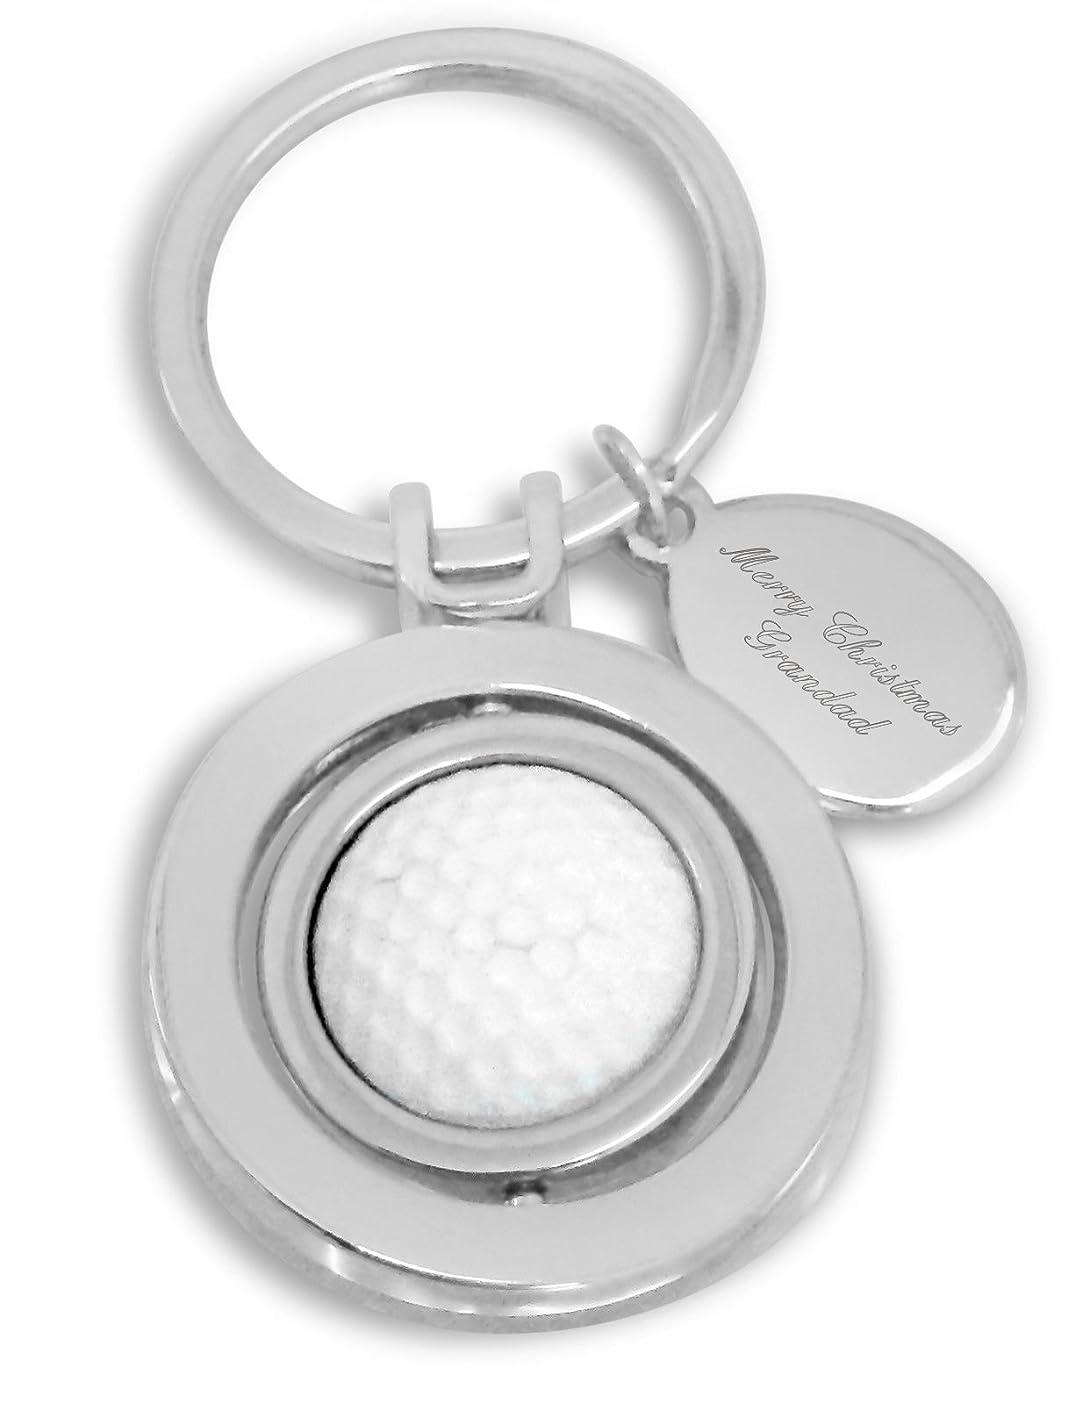 カップル逃れる脚本家Luxury Engraved Gifts UK メンズ